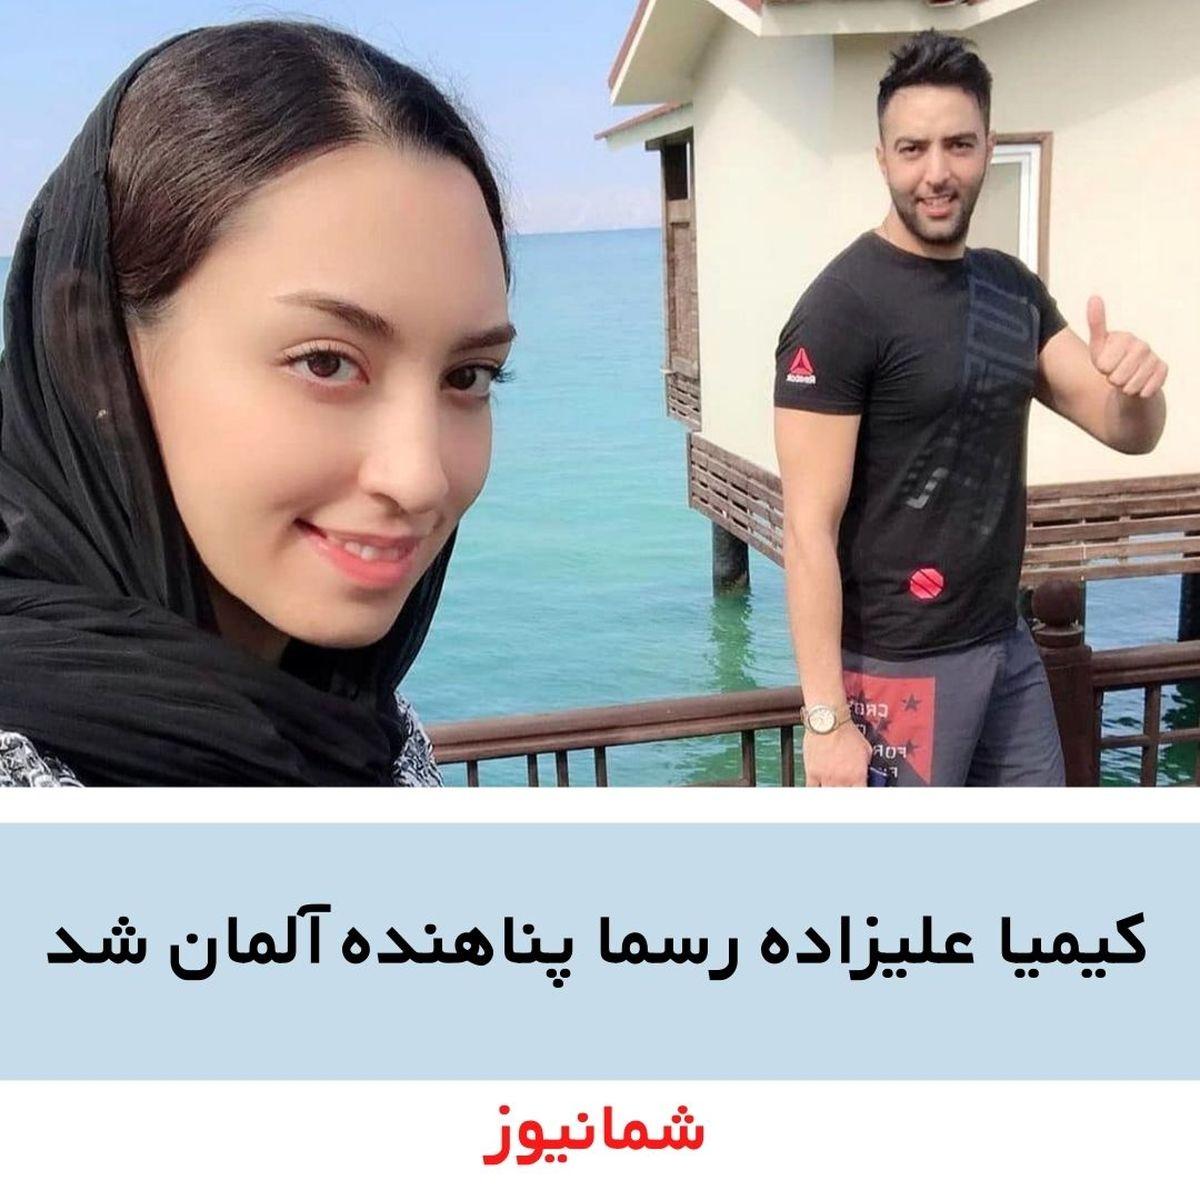 کیمیا علیزاده پناهنده آلمان شد + عکس